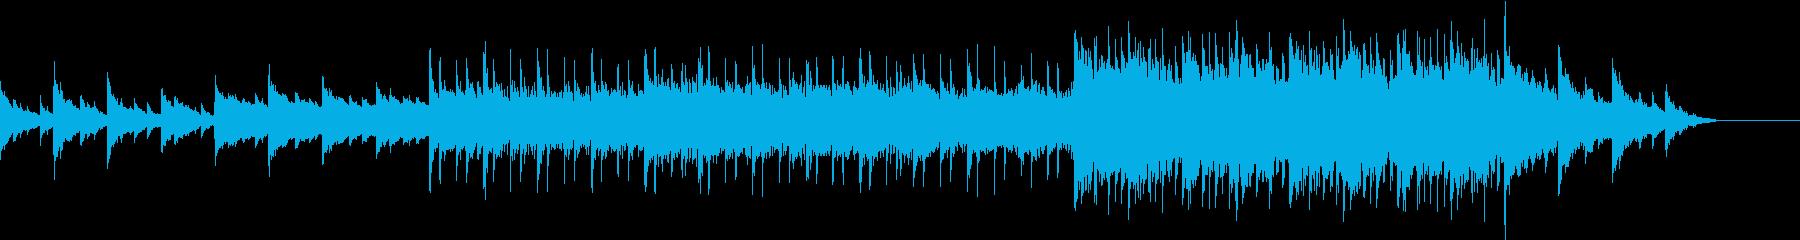 幻想的で綺麗なシンフォニック曲の再生済みの波形